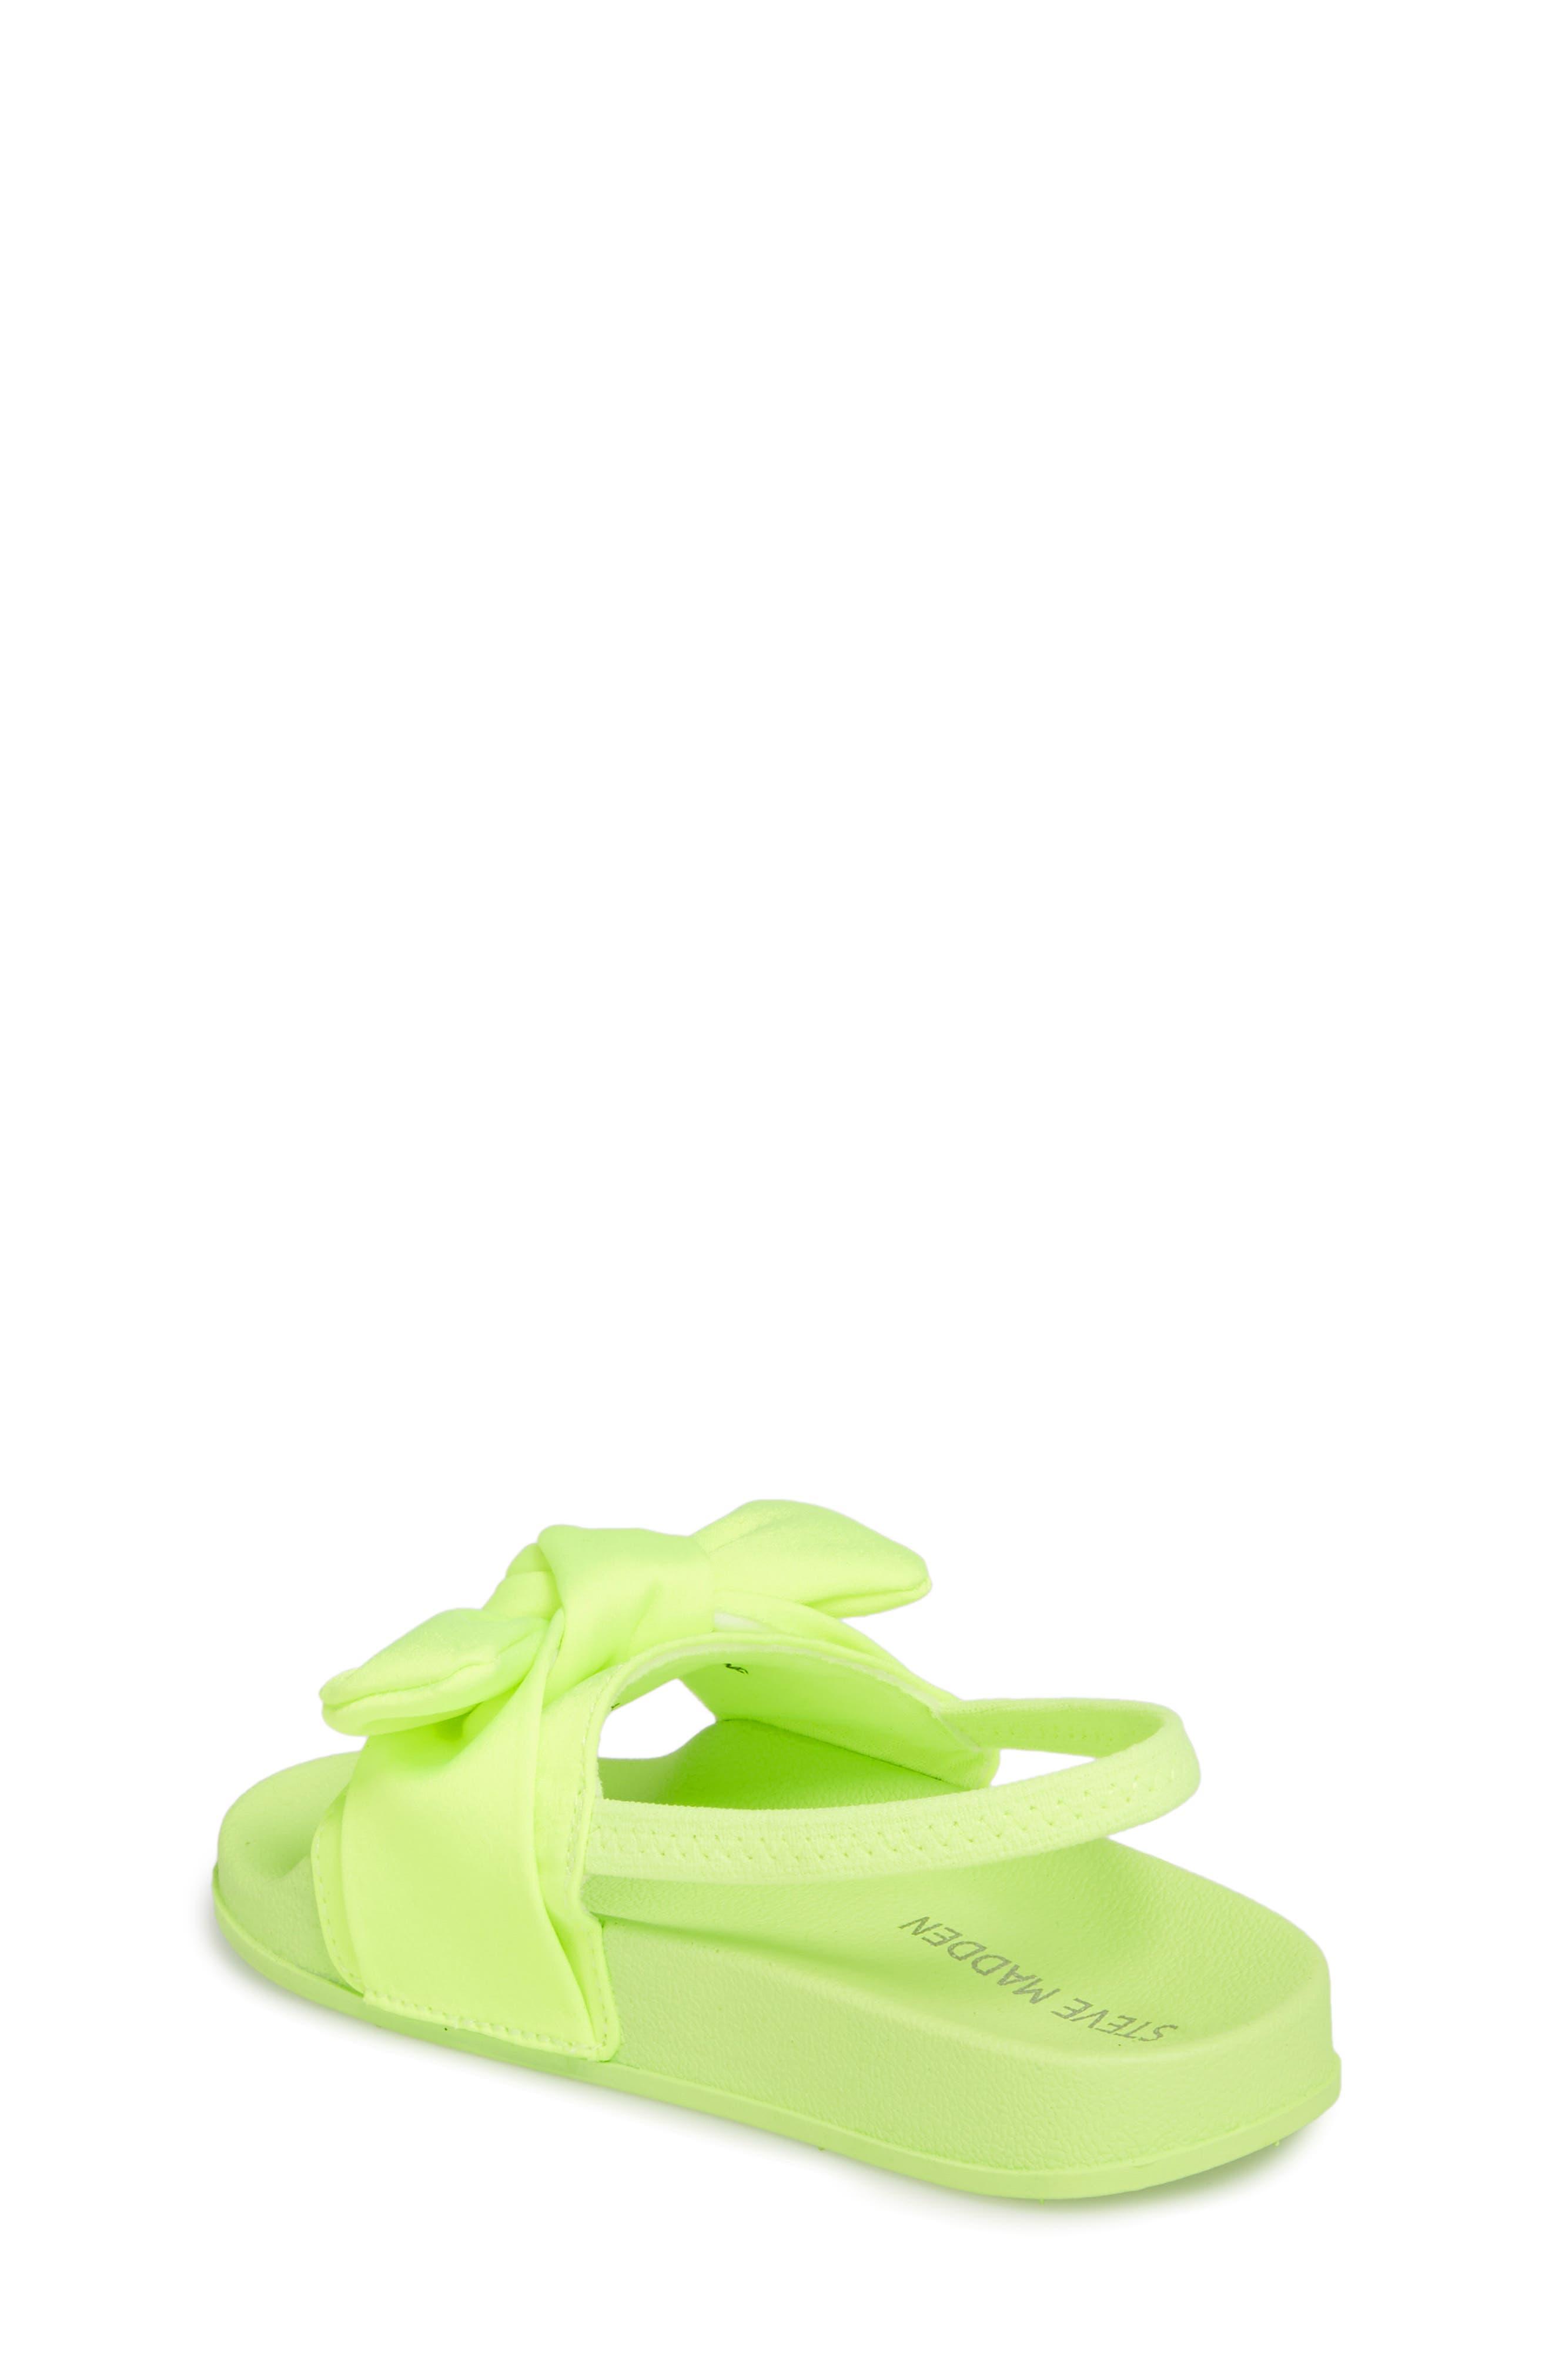 Tsilky Knotted Slide Sandal,                             Alternate thumbnail 2, color,                             Citron